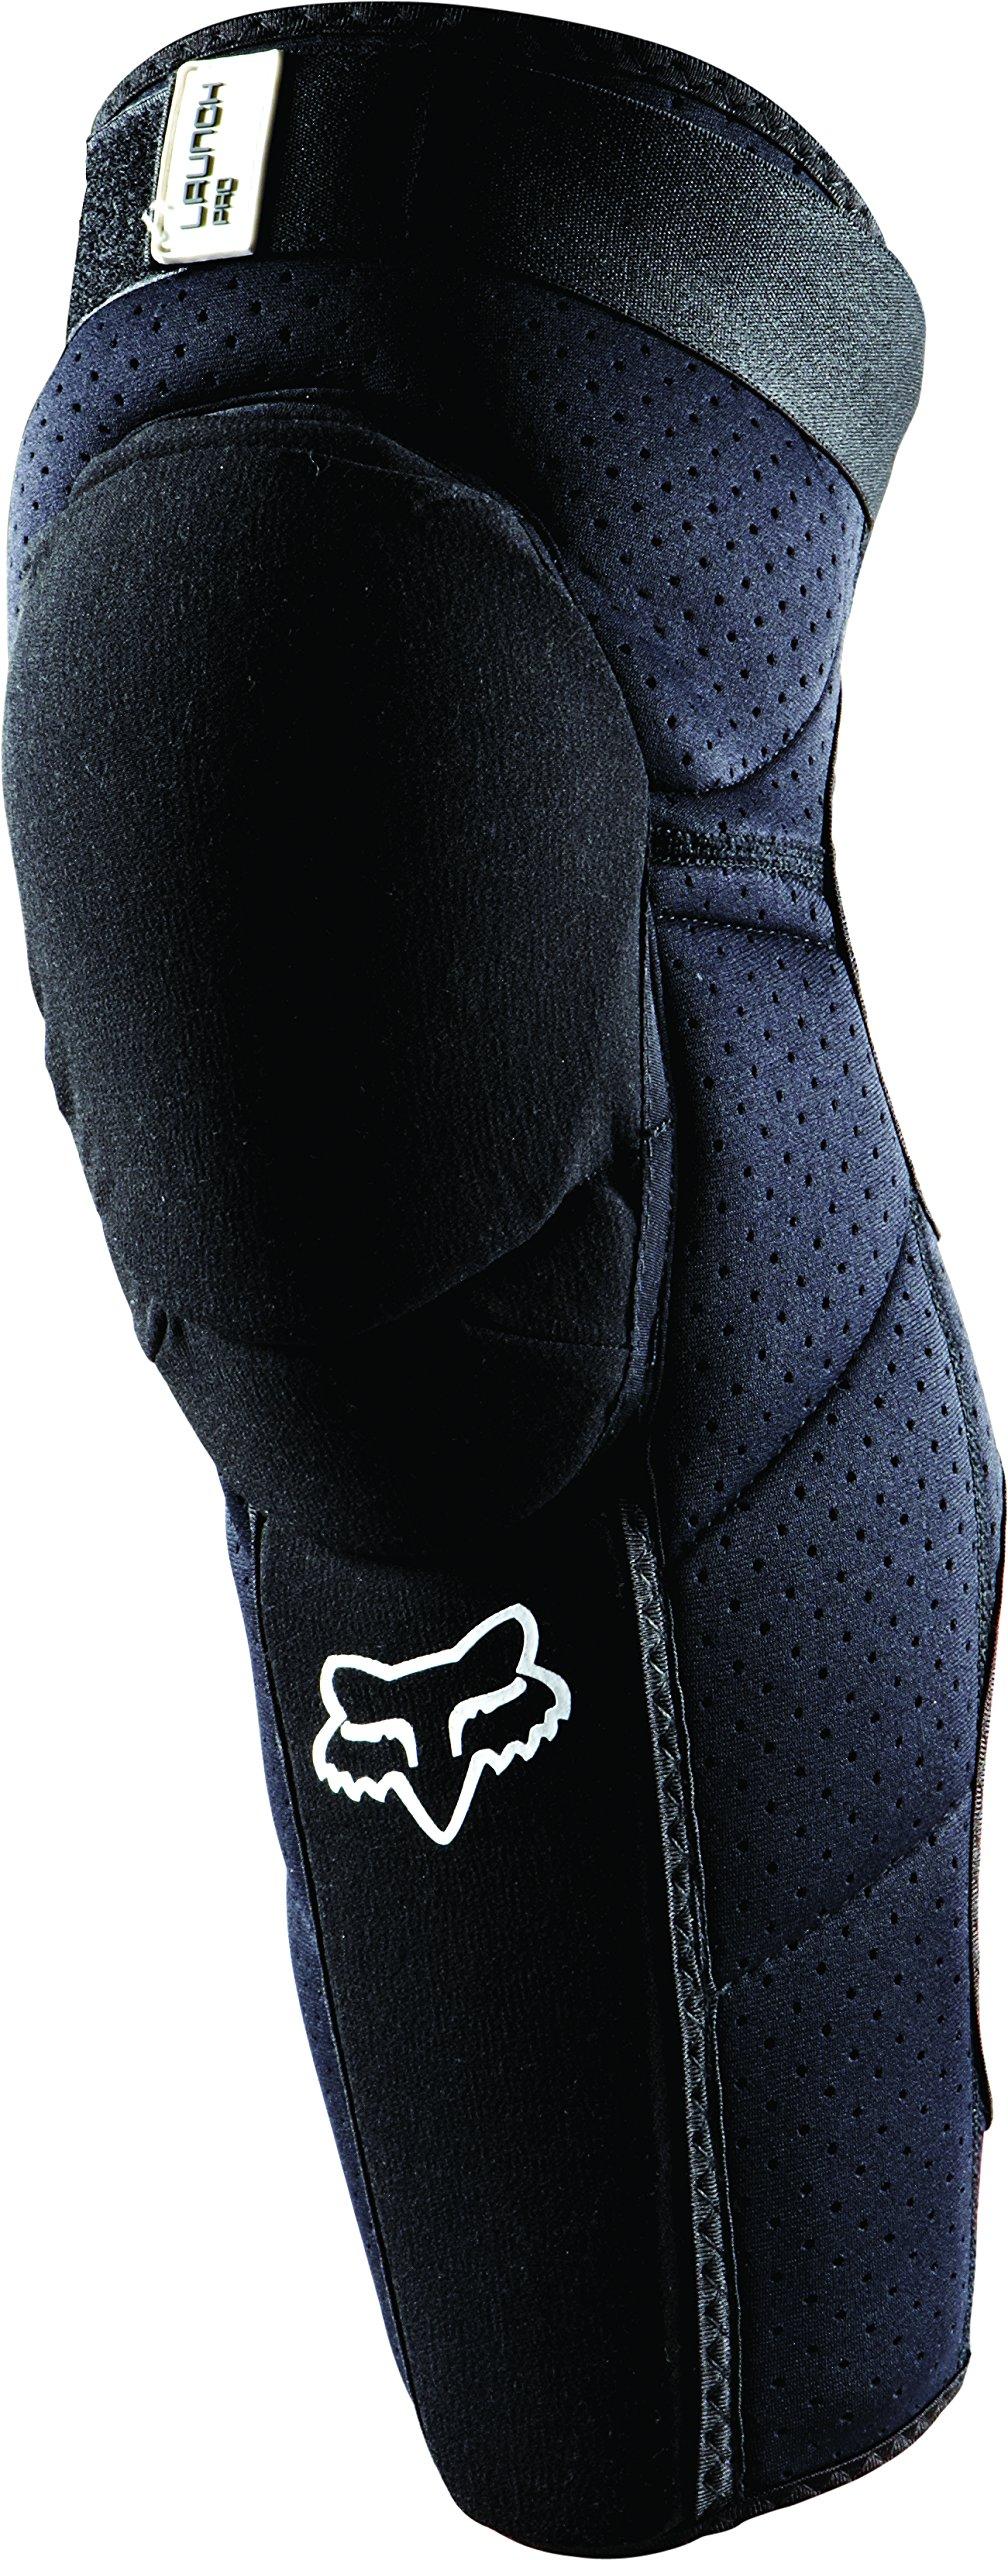 Fox Racing Launch Pro MTB Knee/Shin Guard, Black, Small/Medium